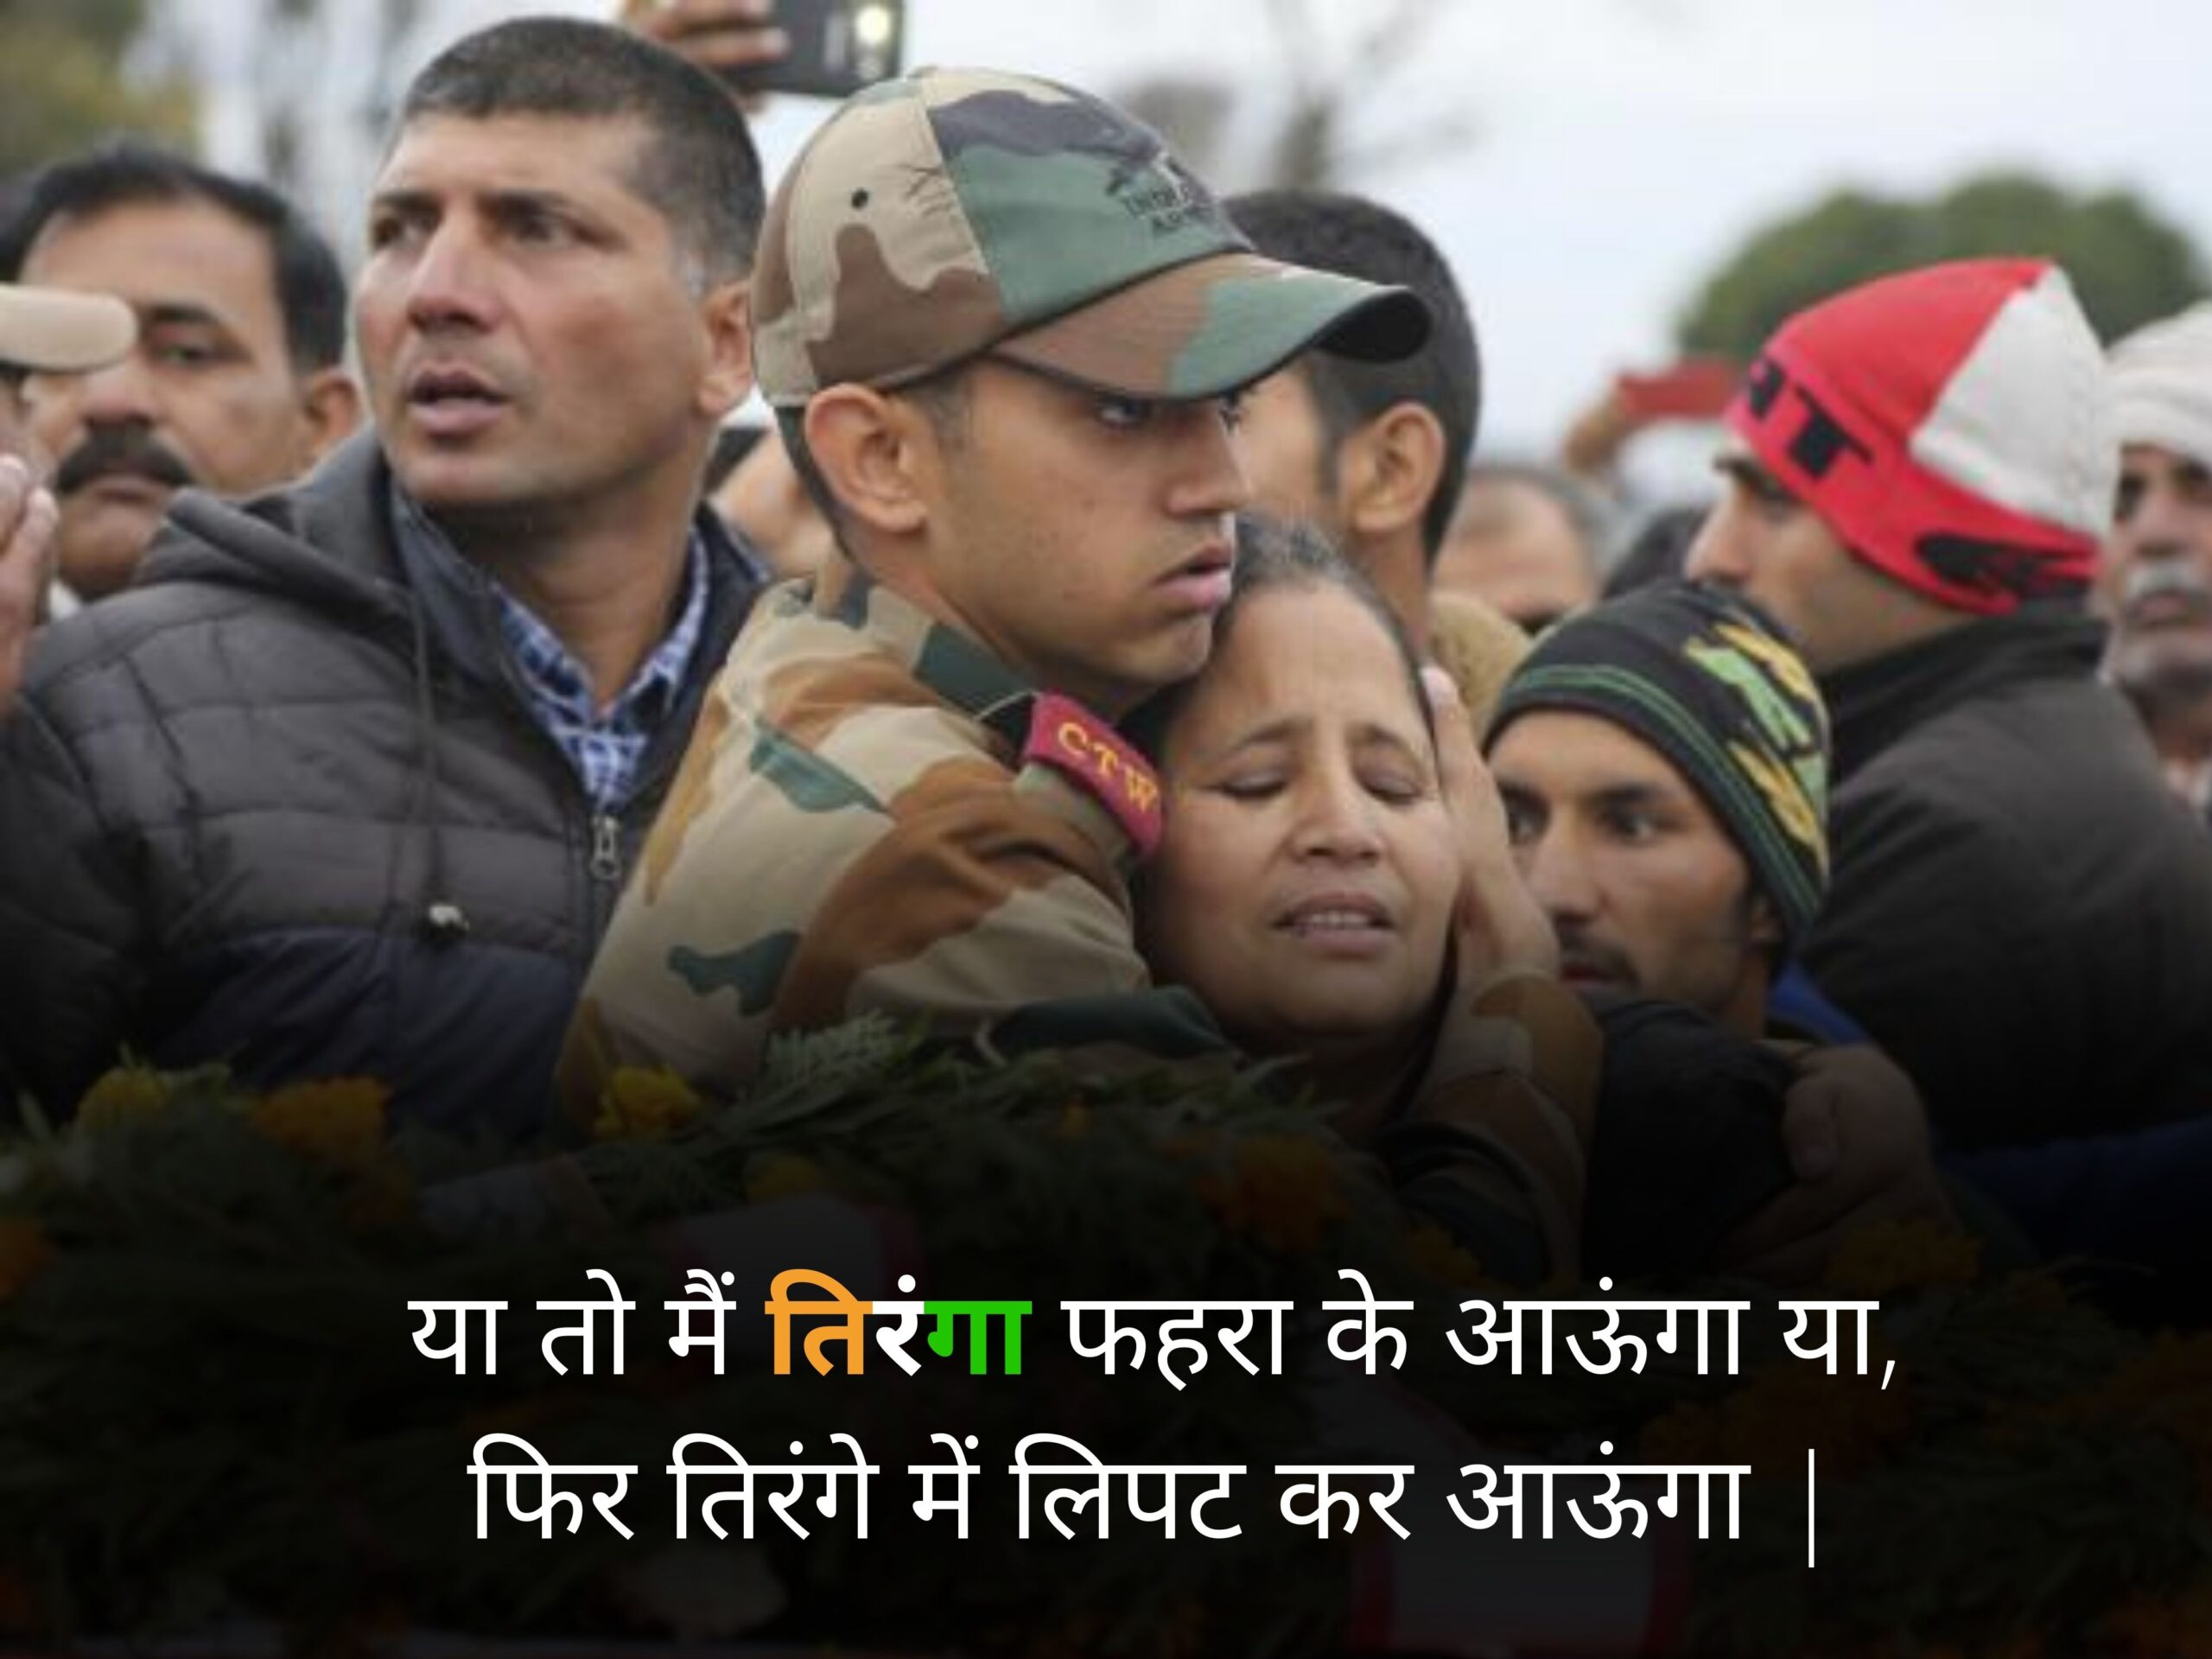 army motivational quotes | या तो मैं तिरंगा फहरा के आऊंगा या, फिर तिरंगे में लिपट कर आऊंगा |